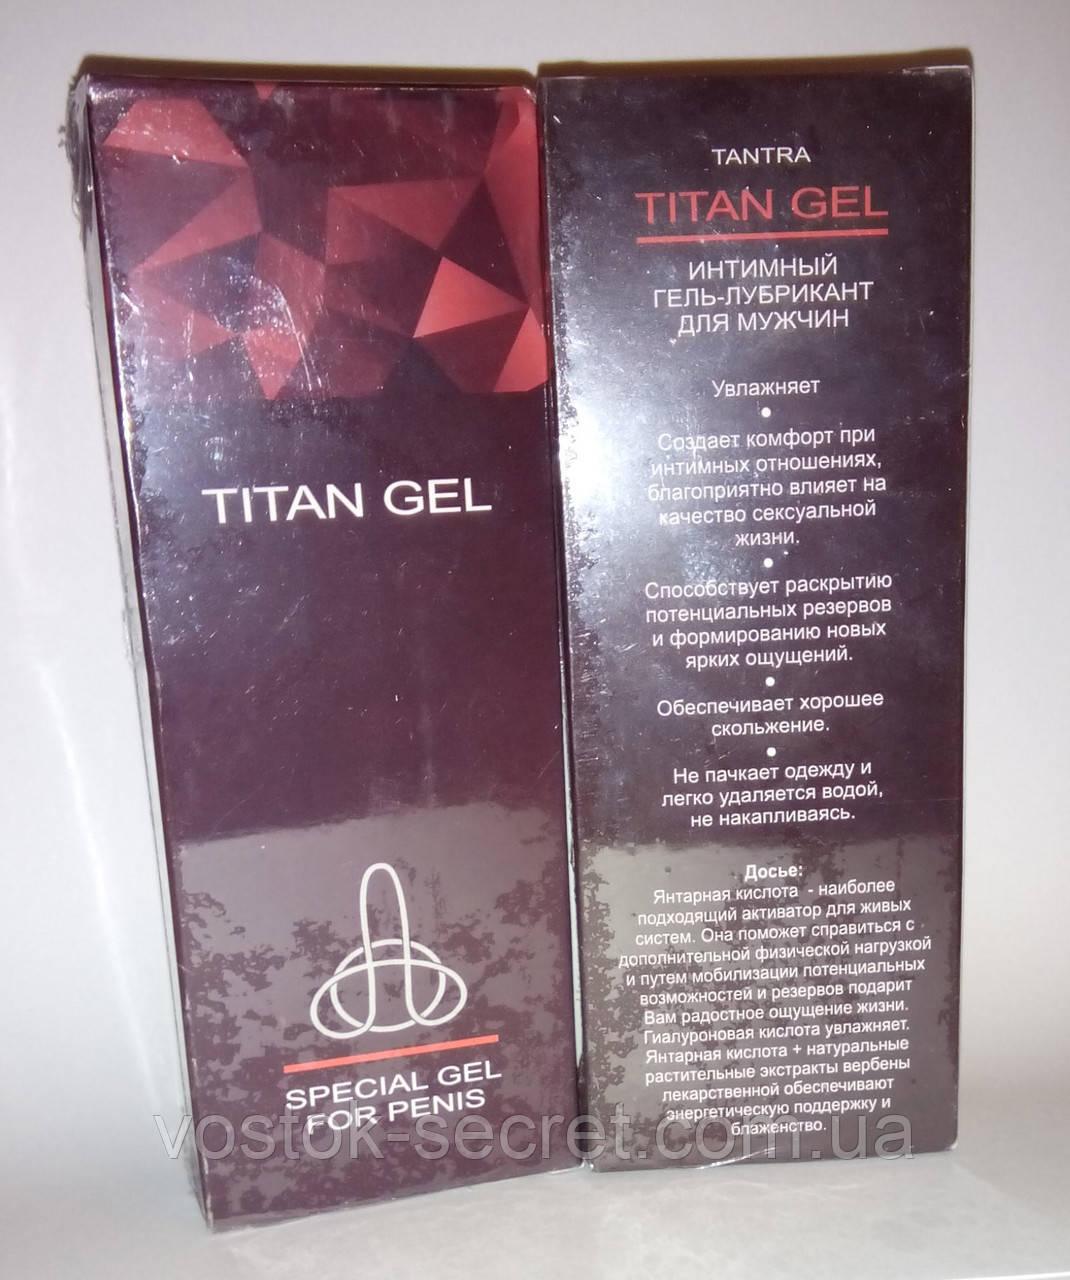 титан гель titan gel для увеличения полового члена